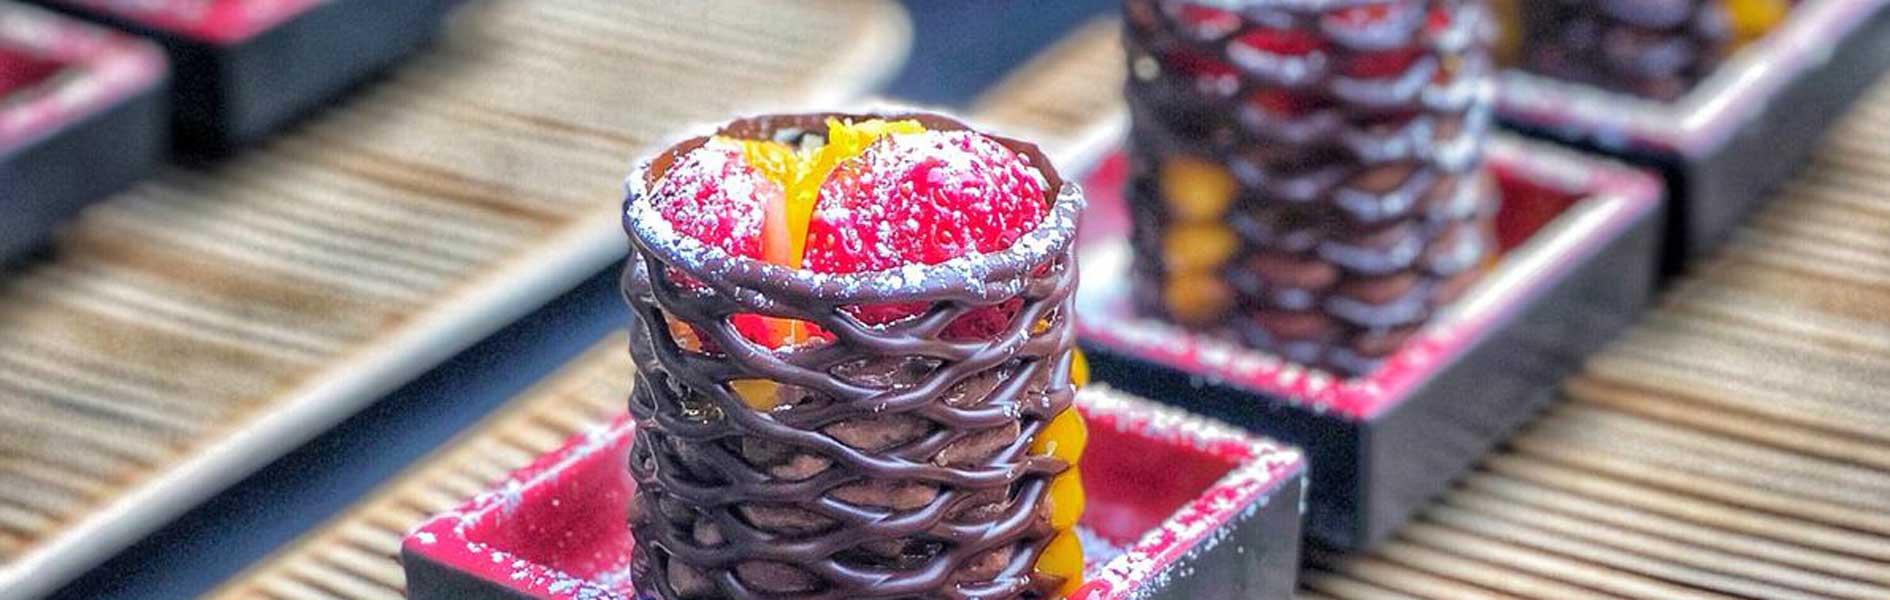 Unikorn_Catering_München_Dessert